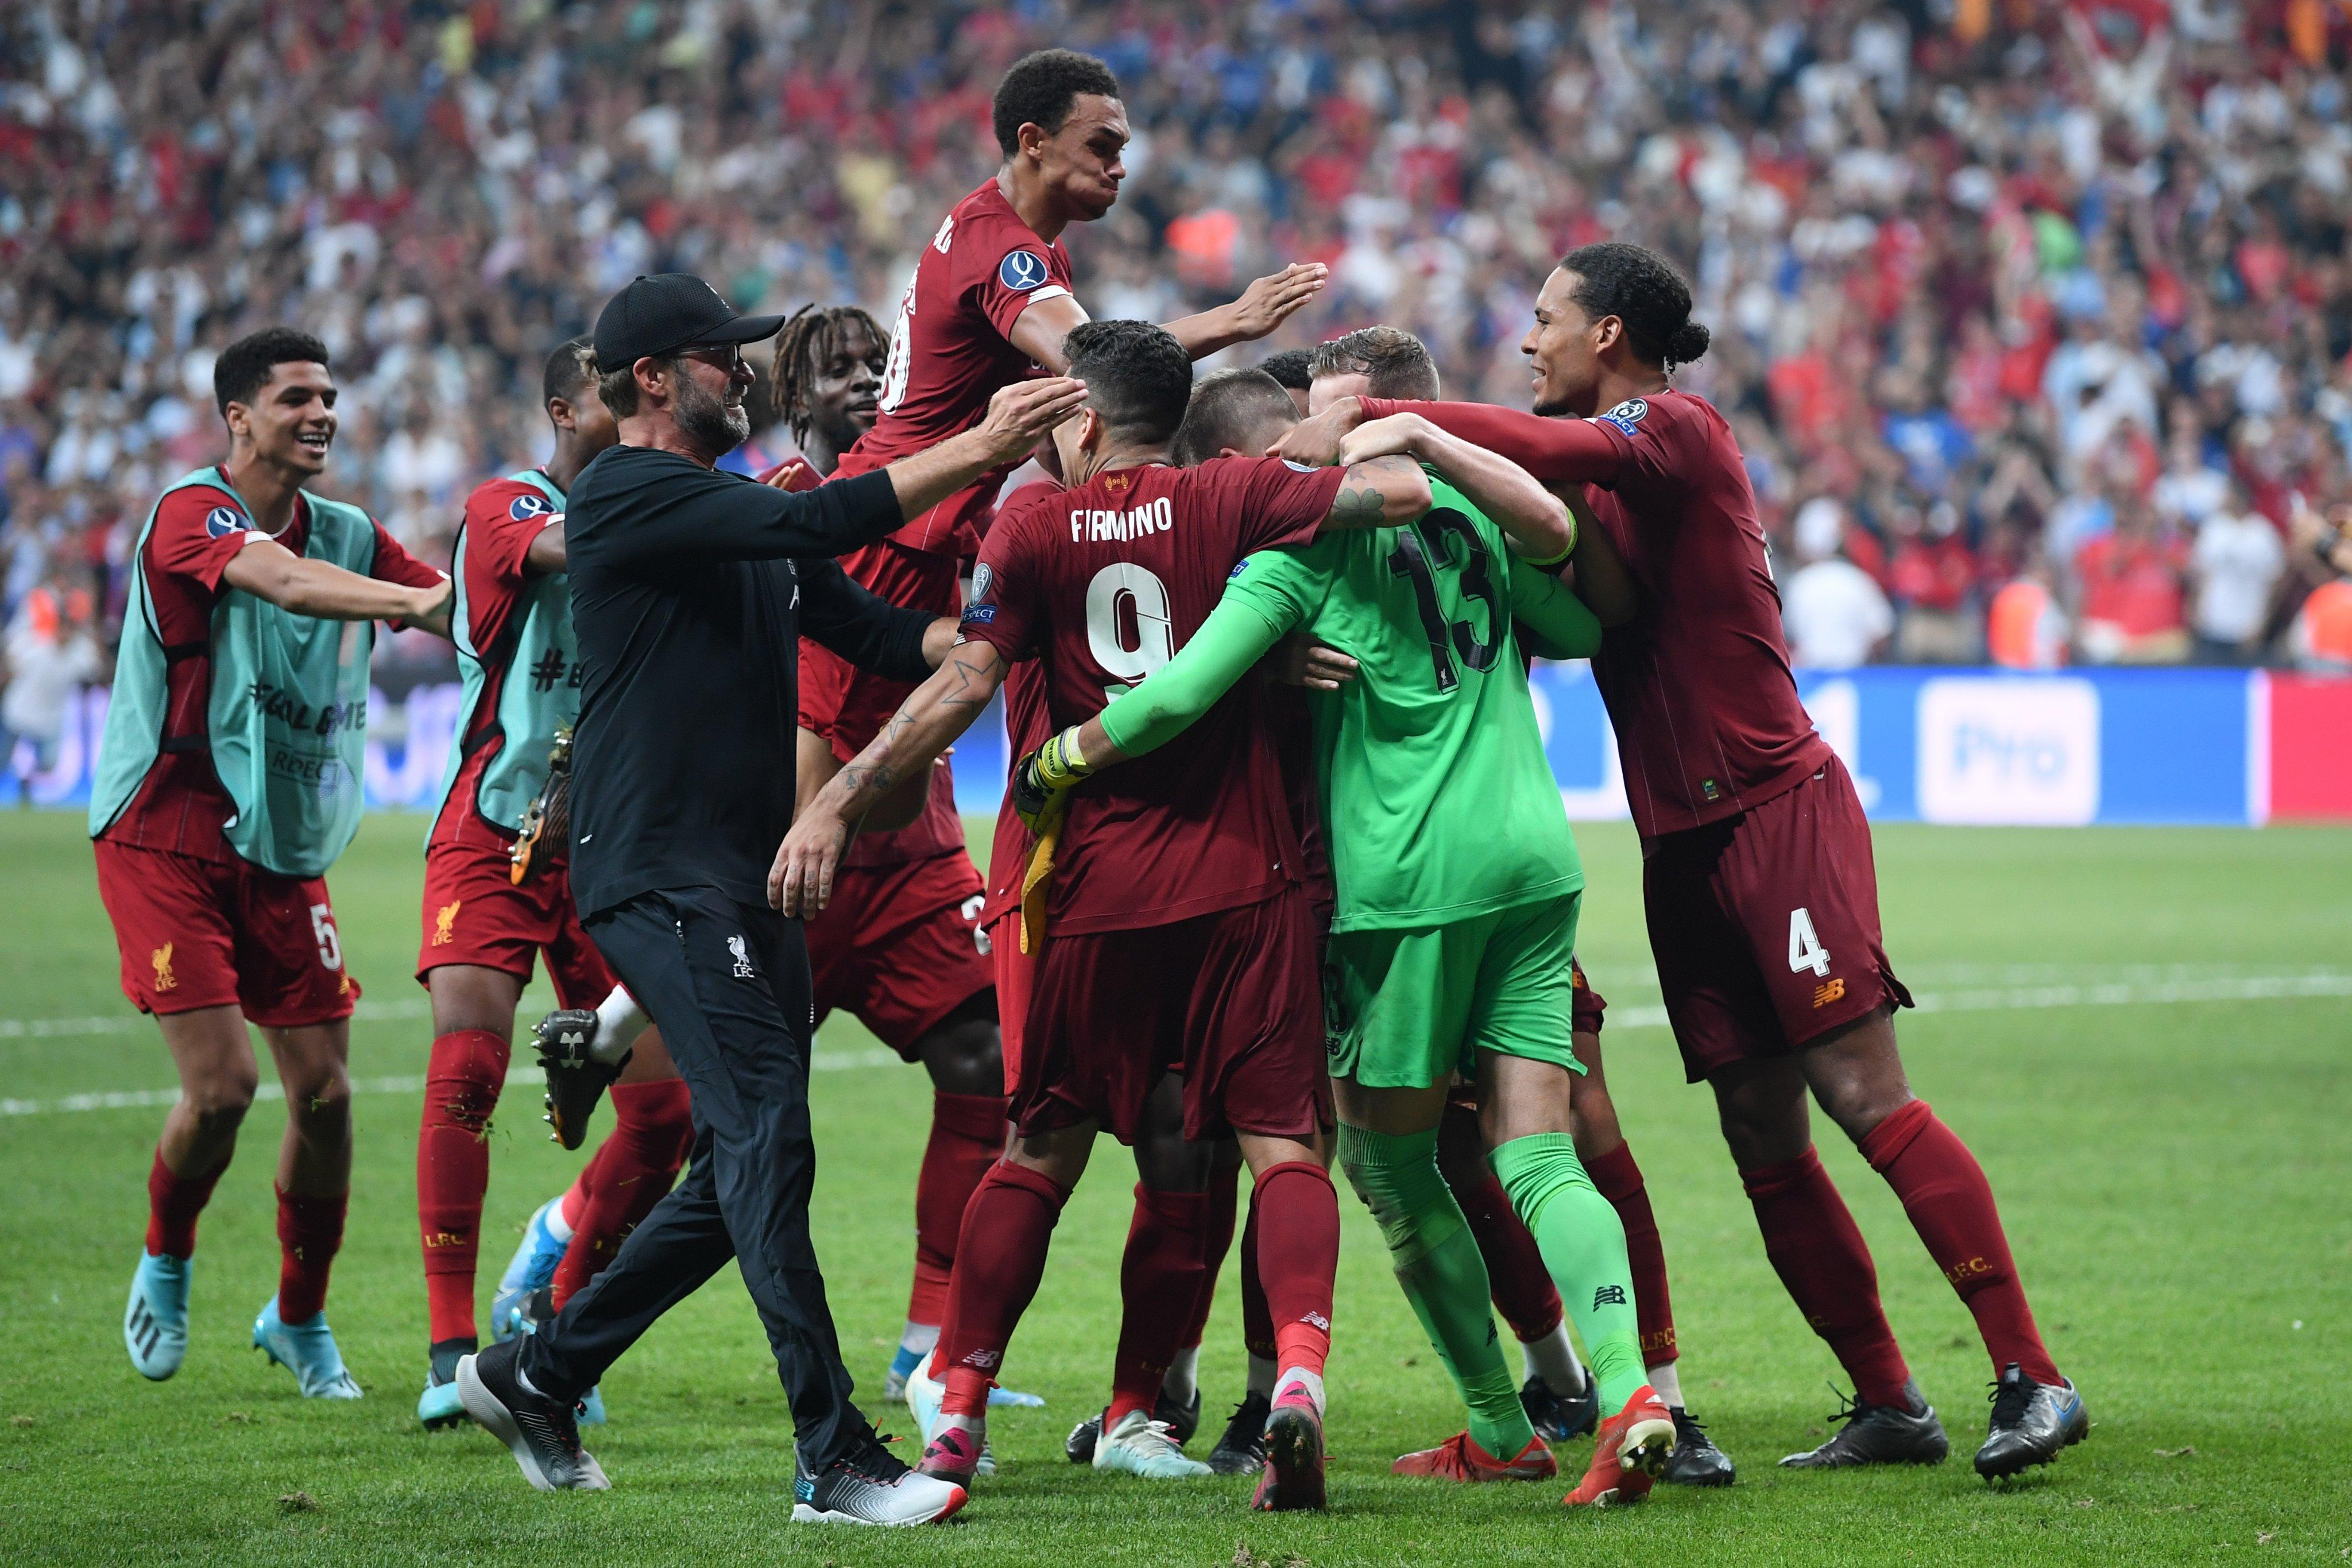 Ливерпуль - Челси 2:2, пен 5:4. Красные выигрывают еще один евротрофей в Стамбуле - изображение 4